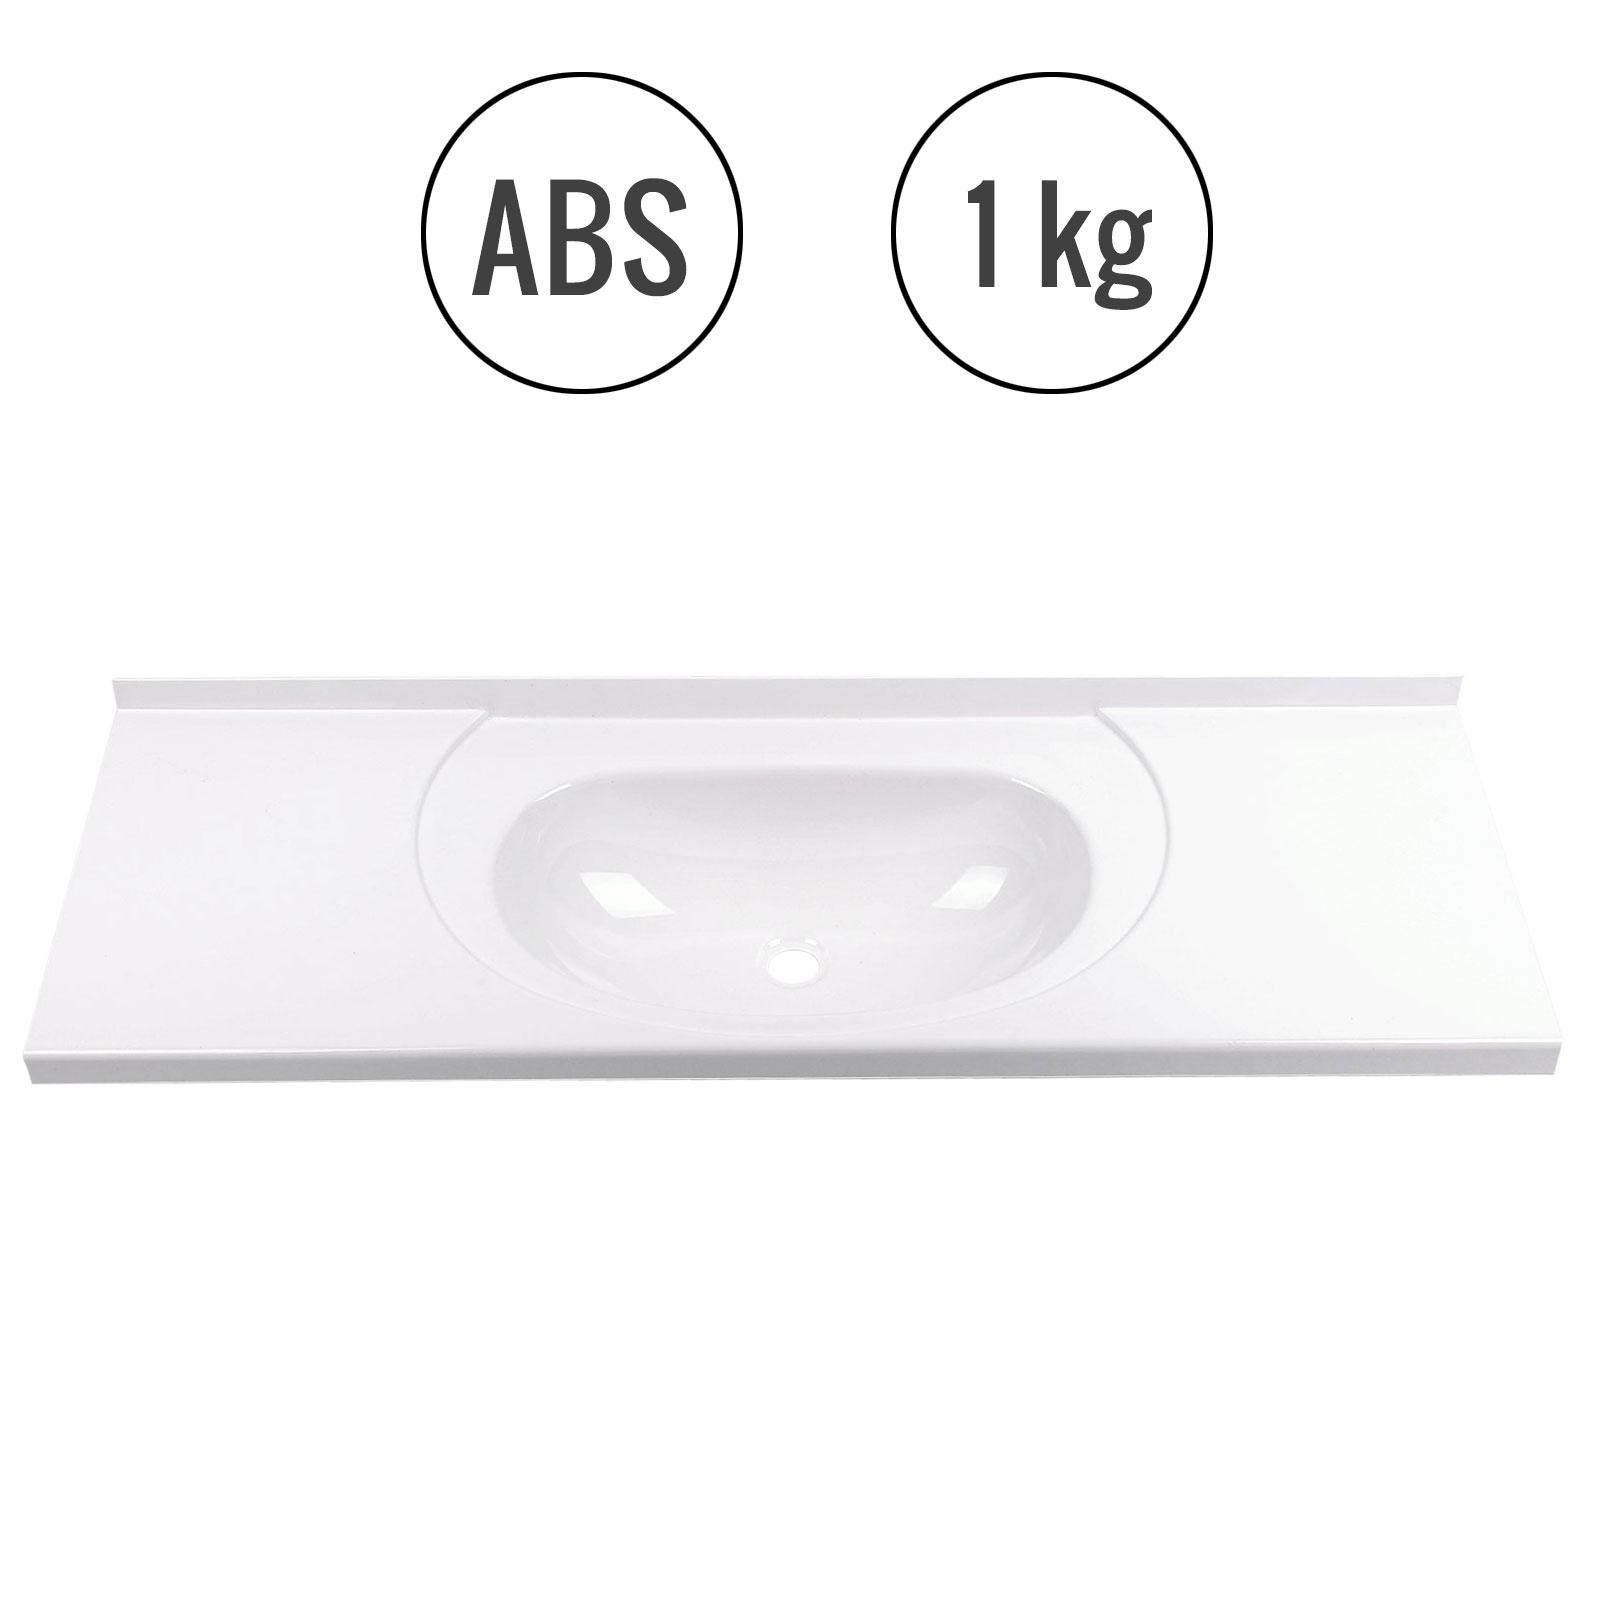 Einbauwaschbecken 900x310x310 mm, Kunststoff, weiß